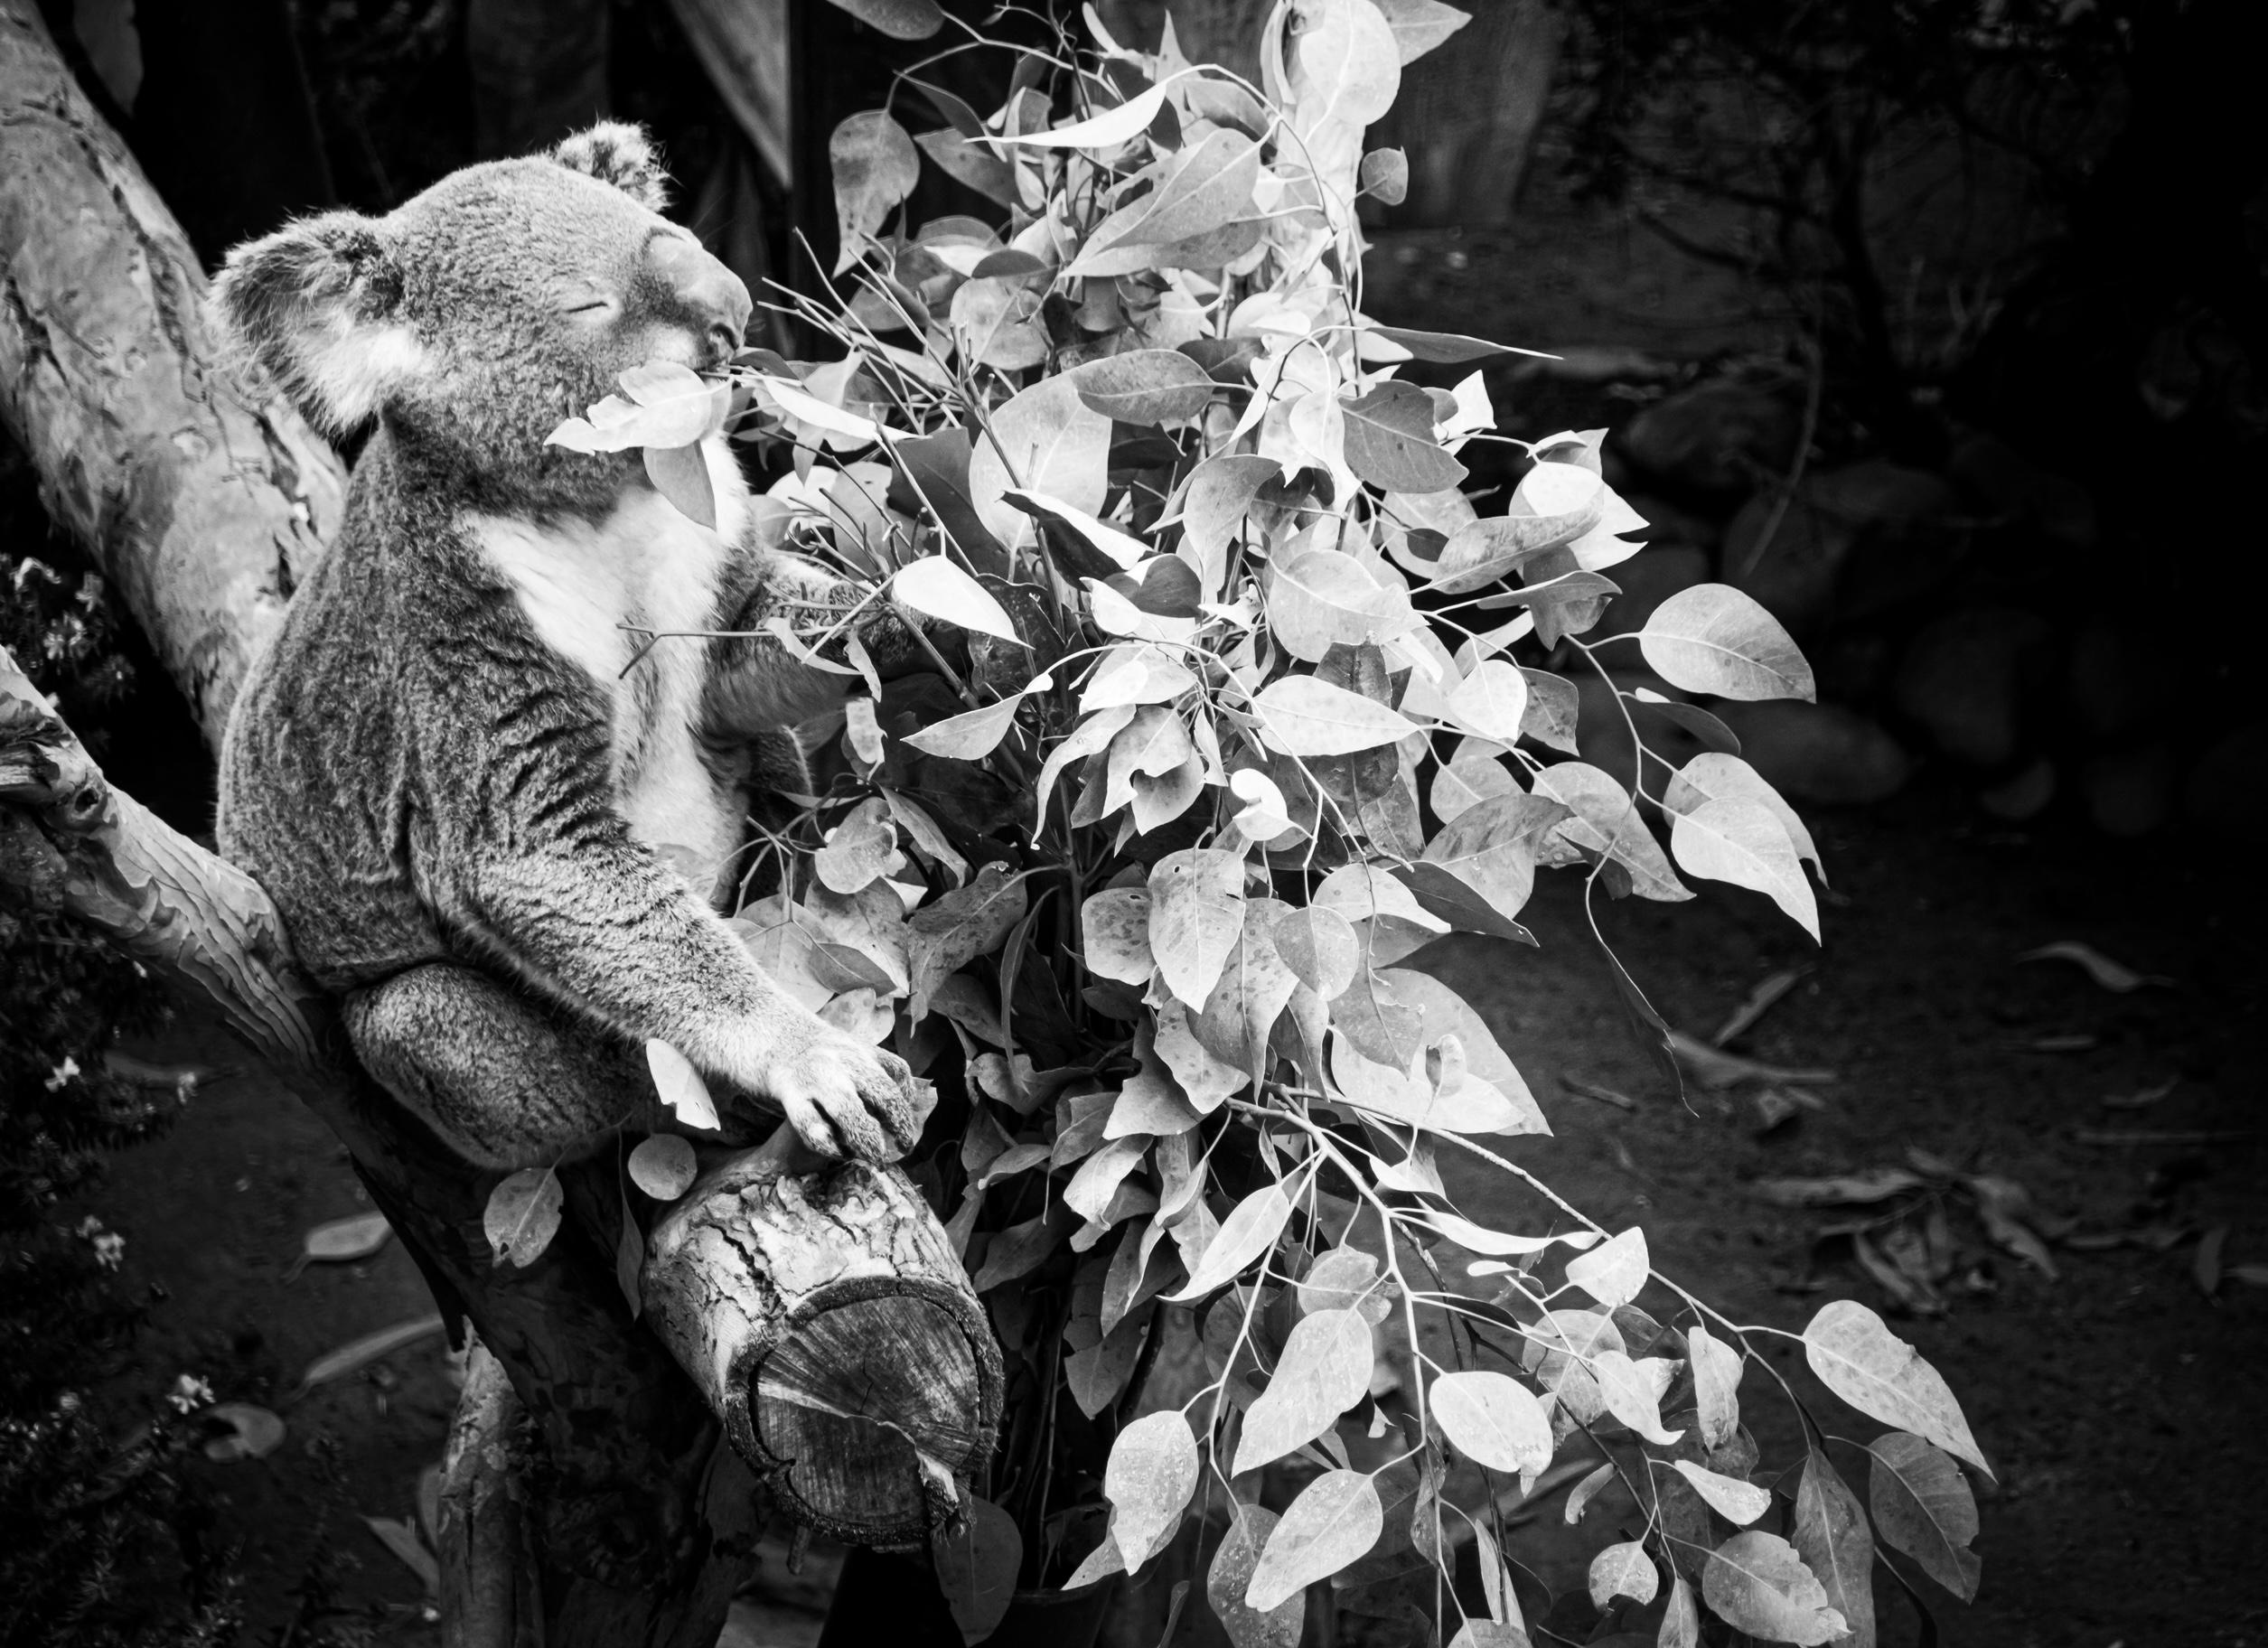 Black and white photo of a koala eating eucalyptus leaves